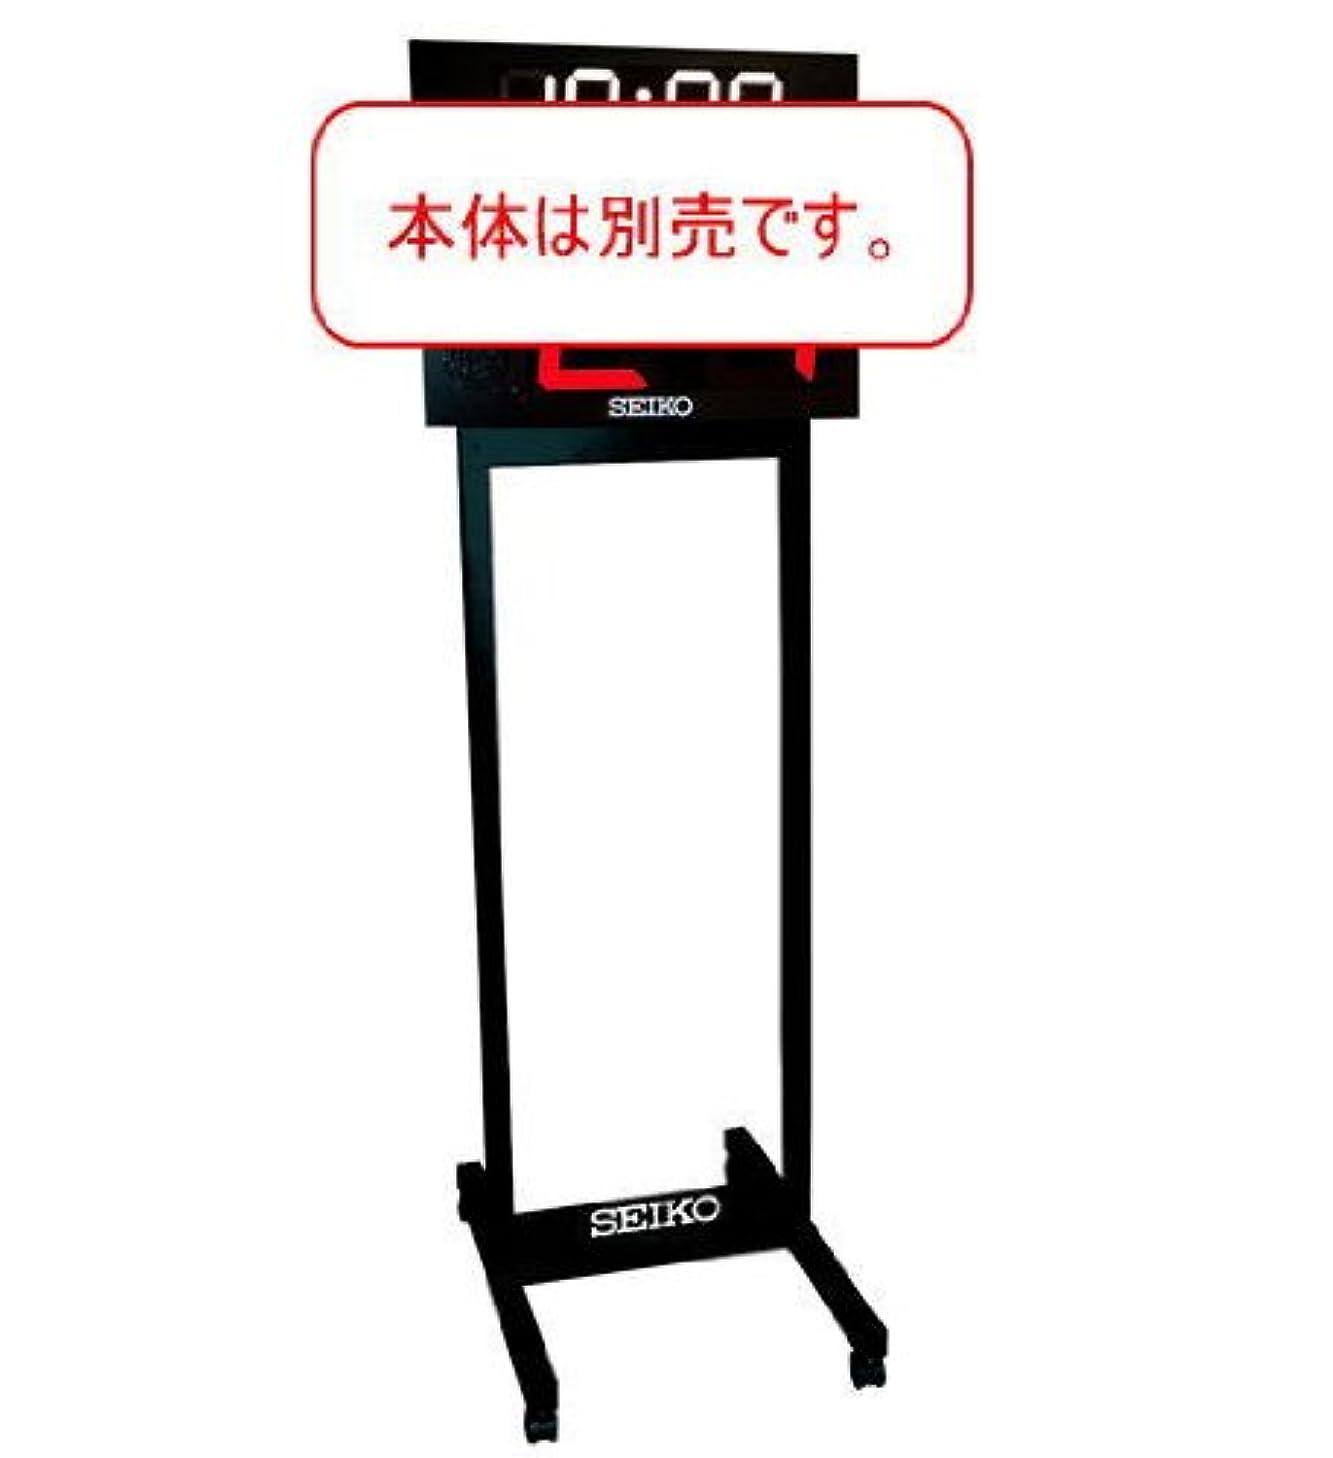 ソースヘルメット更新するSEIKO セイコー バスケットボール用ゲーム?ショットクロック KT-501専用スタンド KT-013